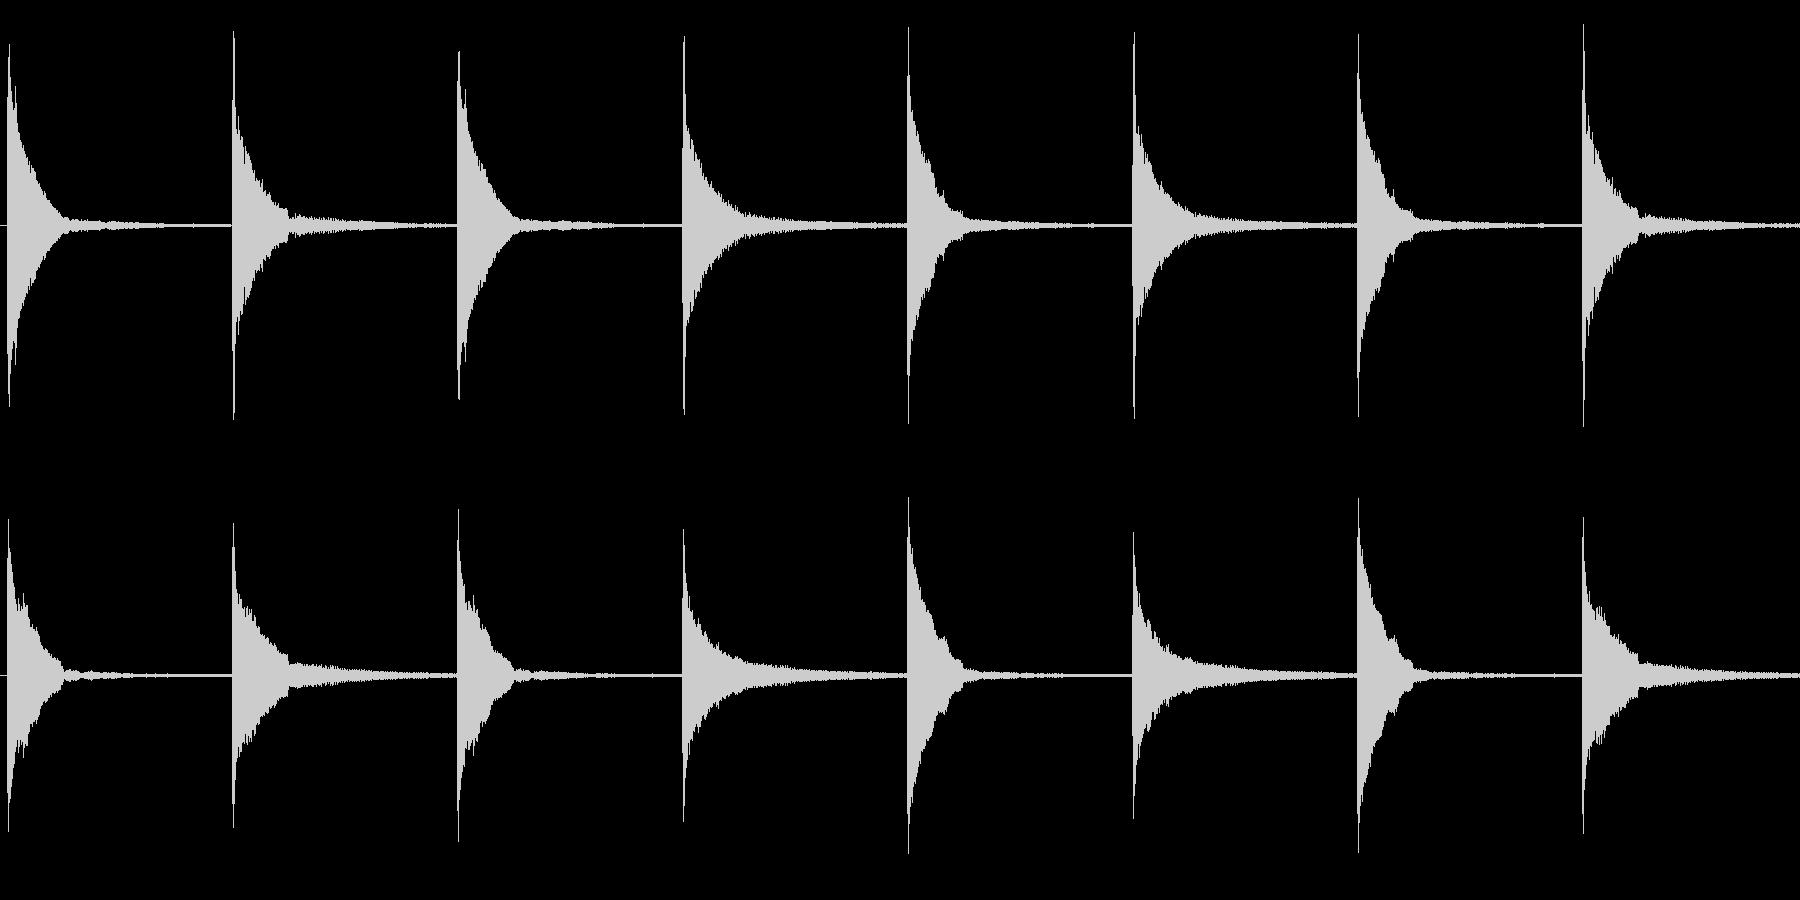 考える/シンキングタイム/マレットの未再生の波形